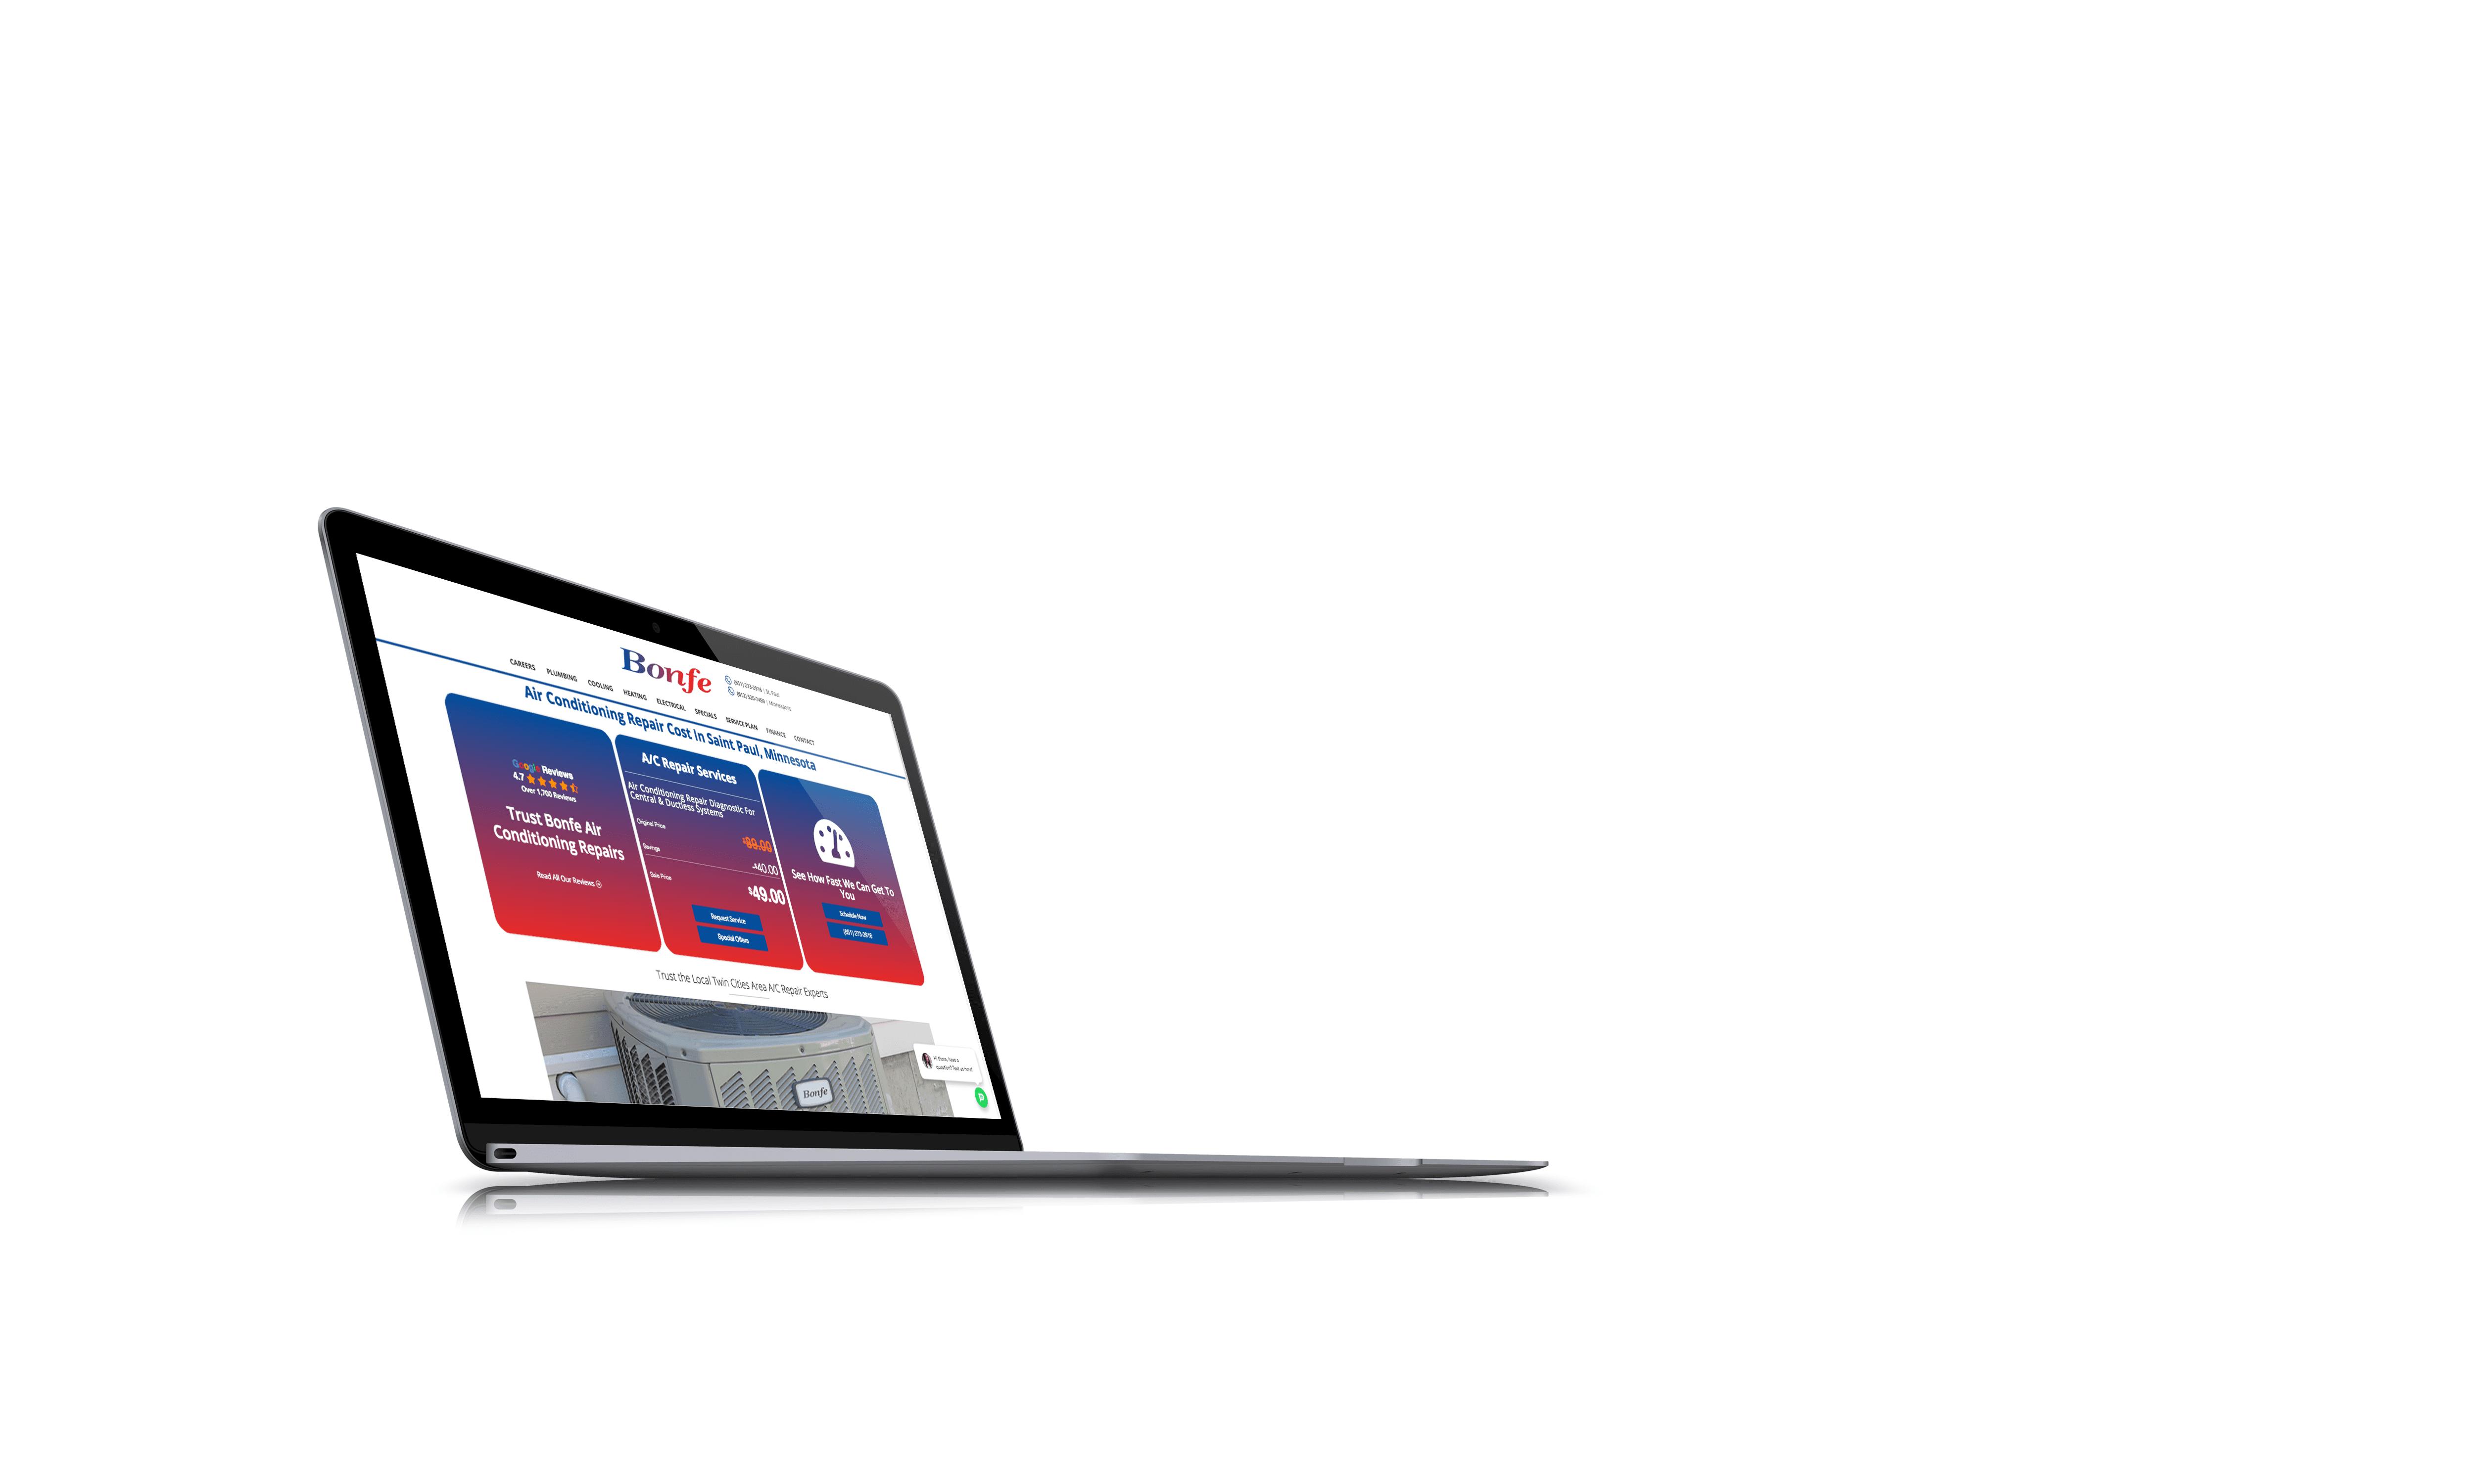 Bonfe laptop - Home & Local Services